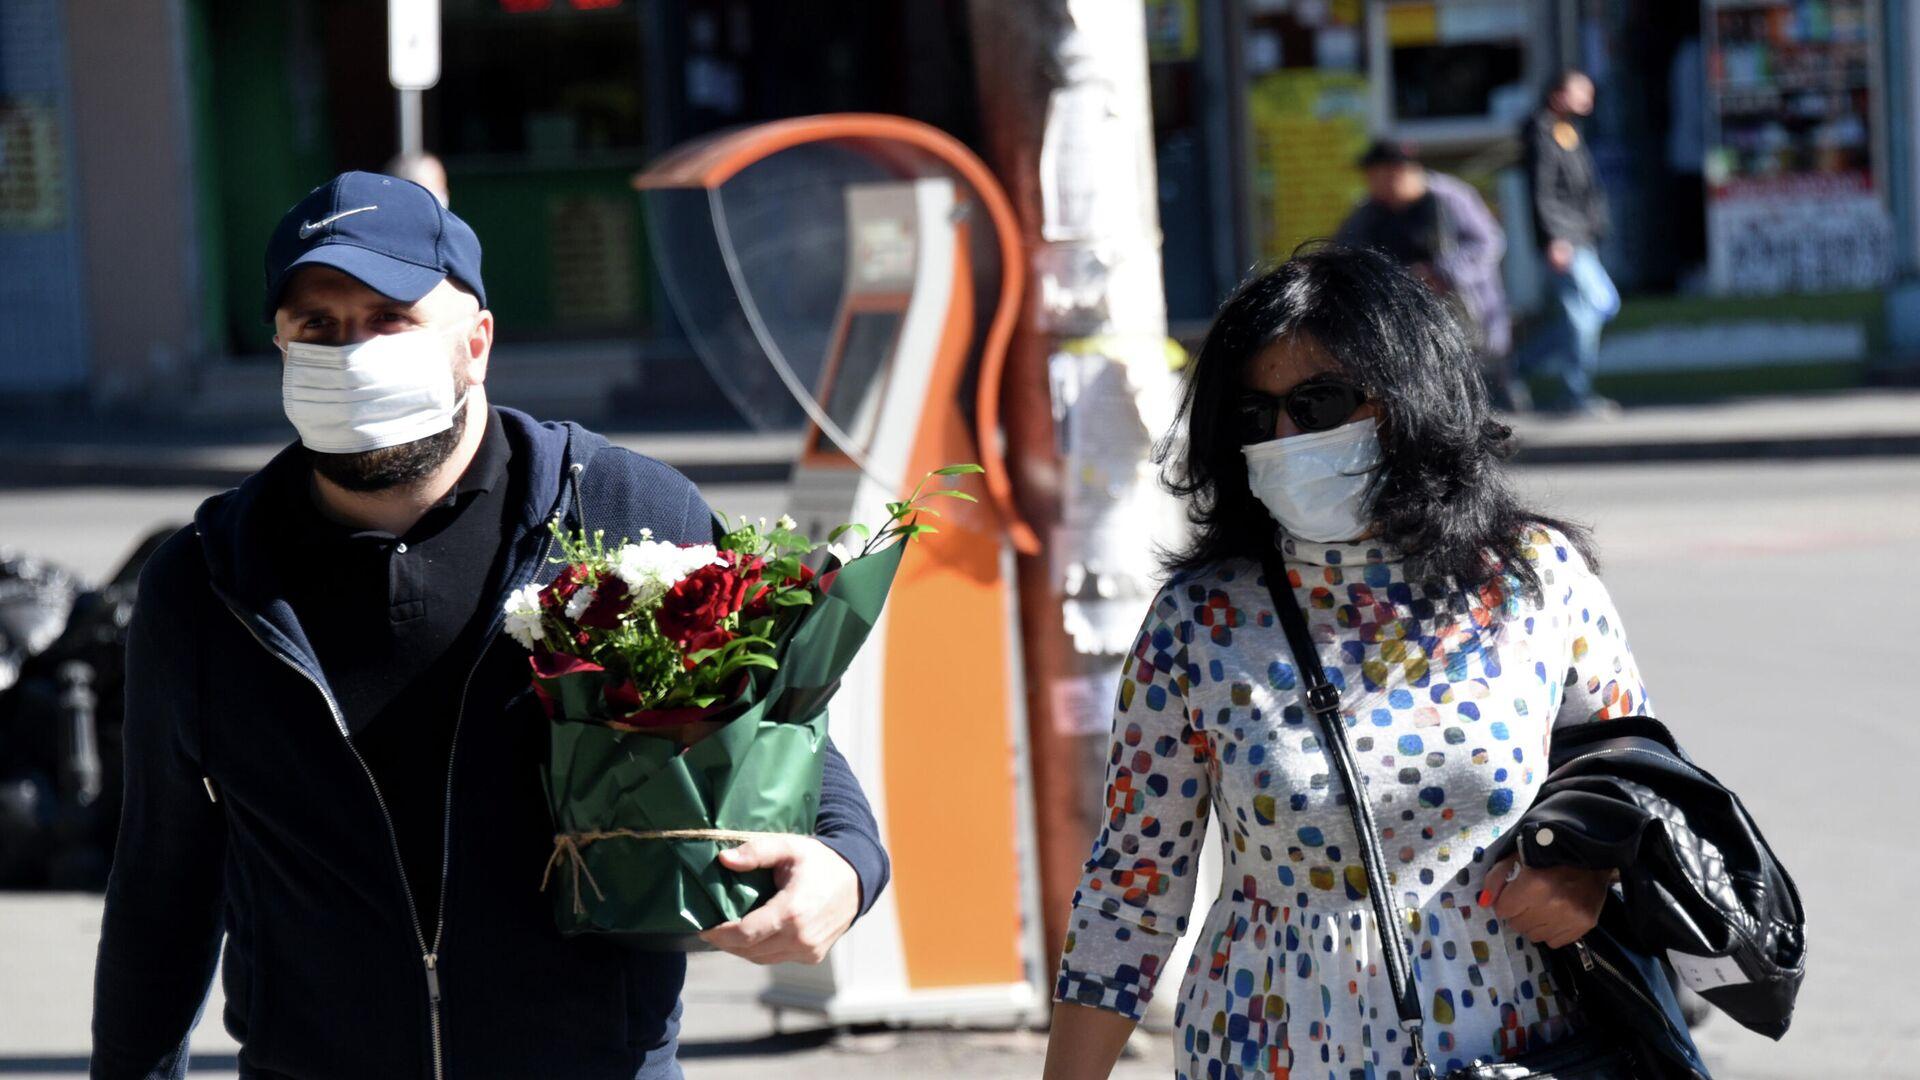 Эпидемия коронавируса - прохожие на улице города в масках, мужчина несет цветы - Sputnik Грузия, 1920, 14.10.2021